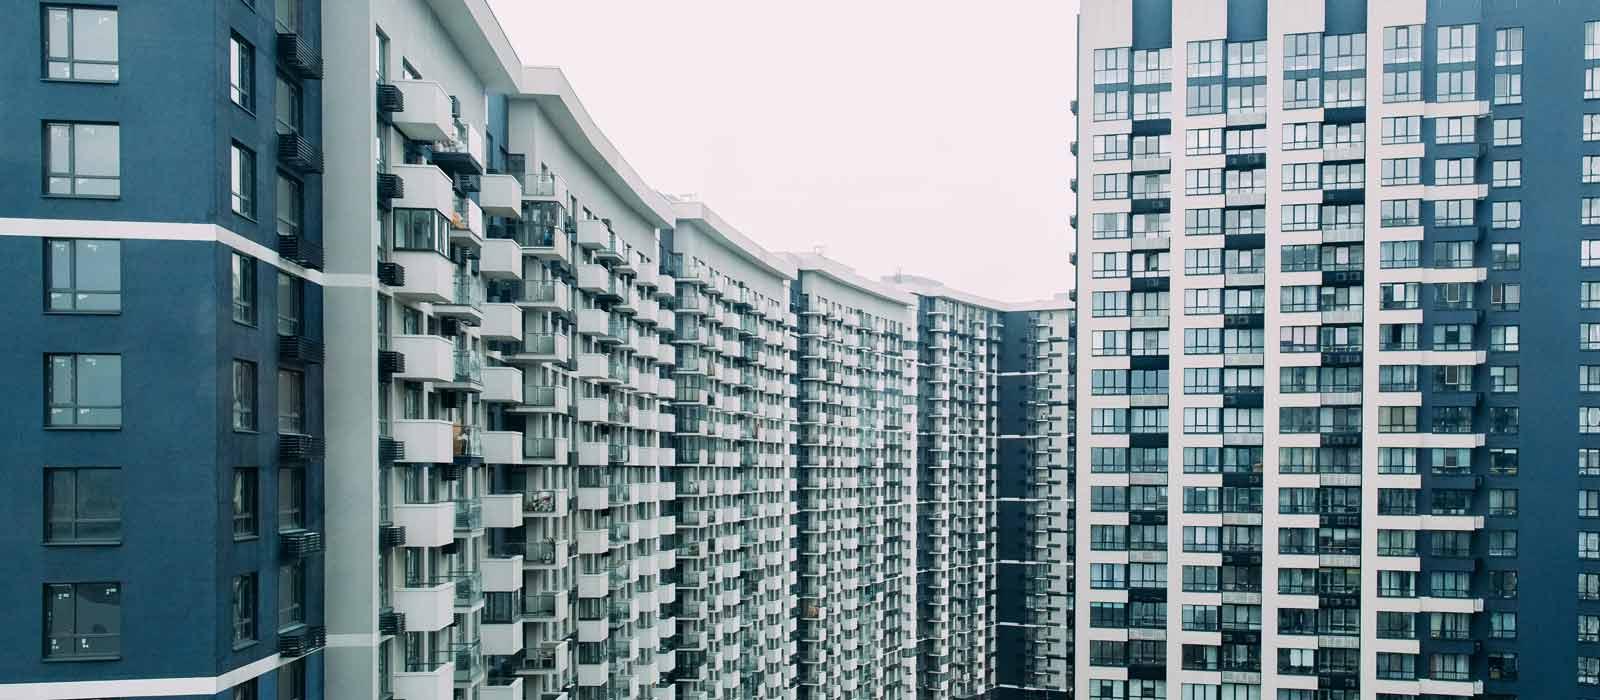 bihl-immobilier-normandie-40.jpg